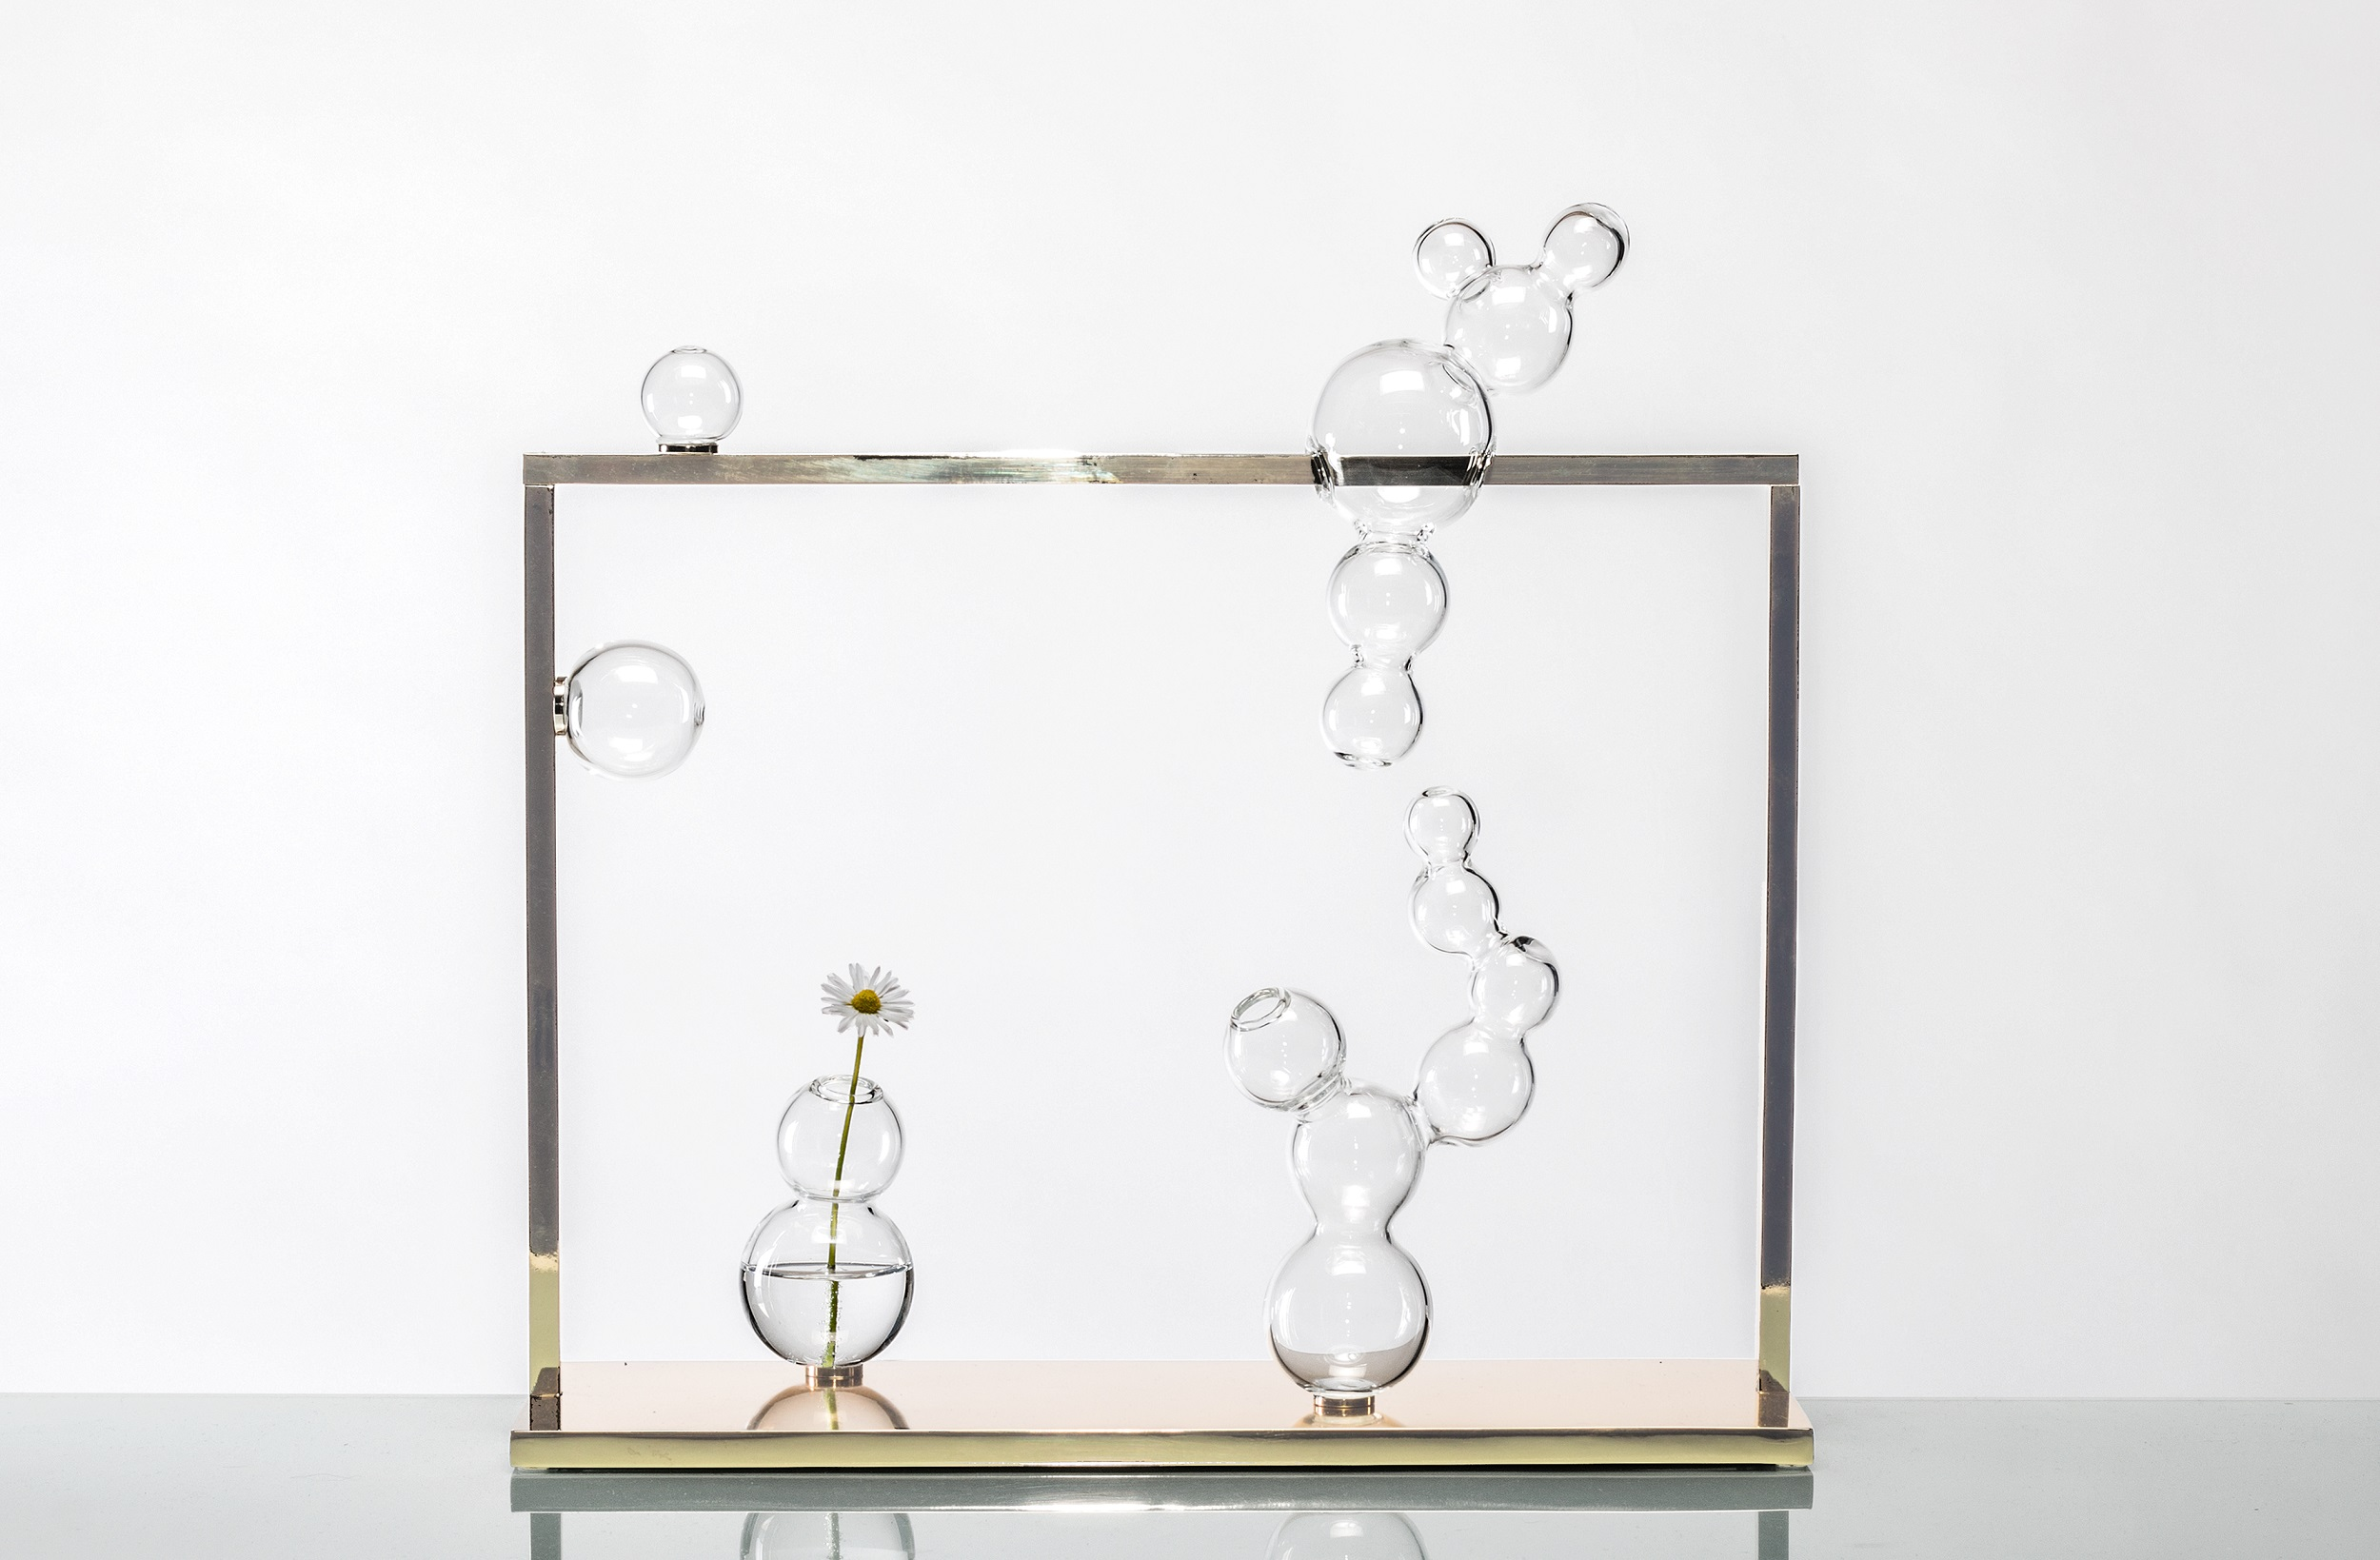 Una nuova creazione di Simone Crestani, Bollicine, 2017, 40cm x 15cm x 40cm